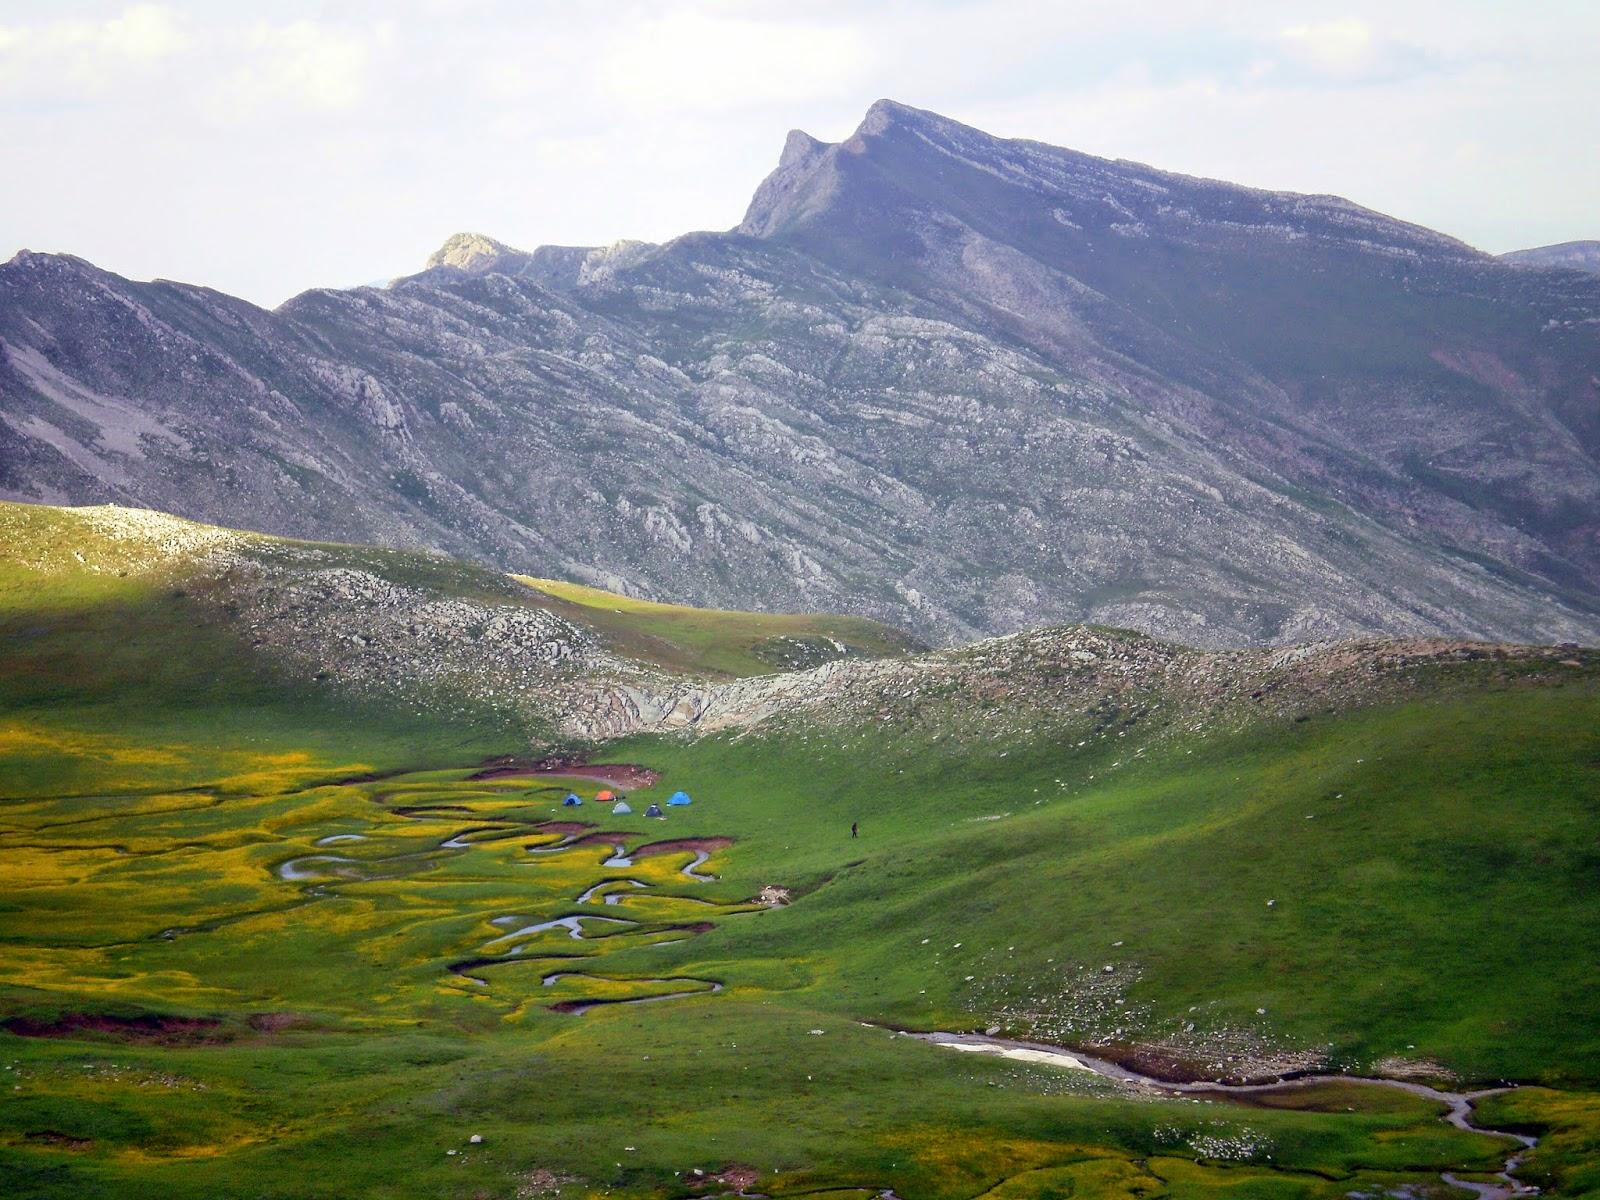 ΕΛΛΗΝΙΚΑ ΒΟΥΝΑ: Όρος Λάκμος 2.295μ. – Ασπροπόταμος – aspropotamos.org